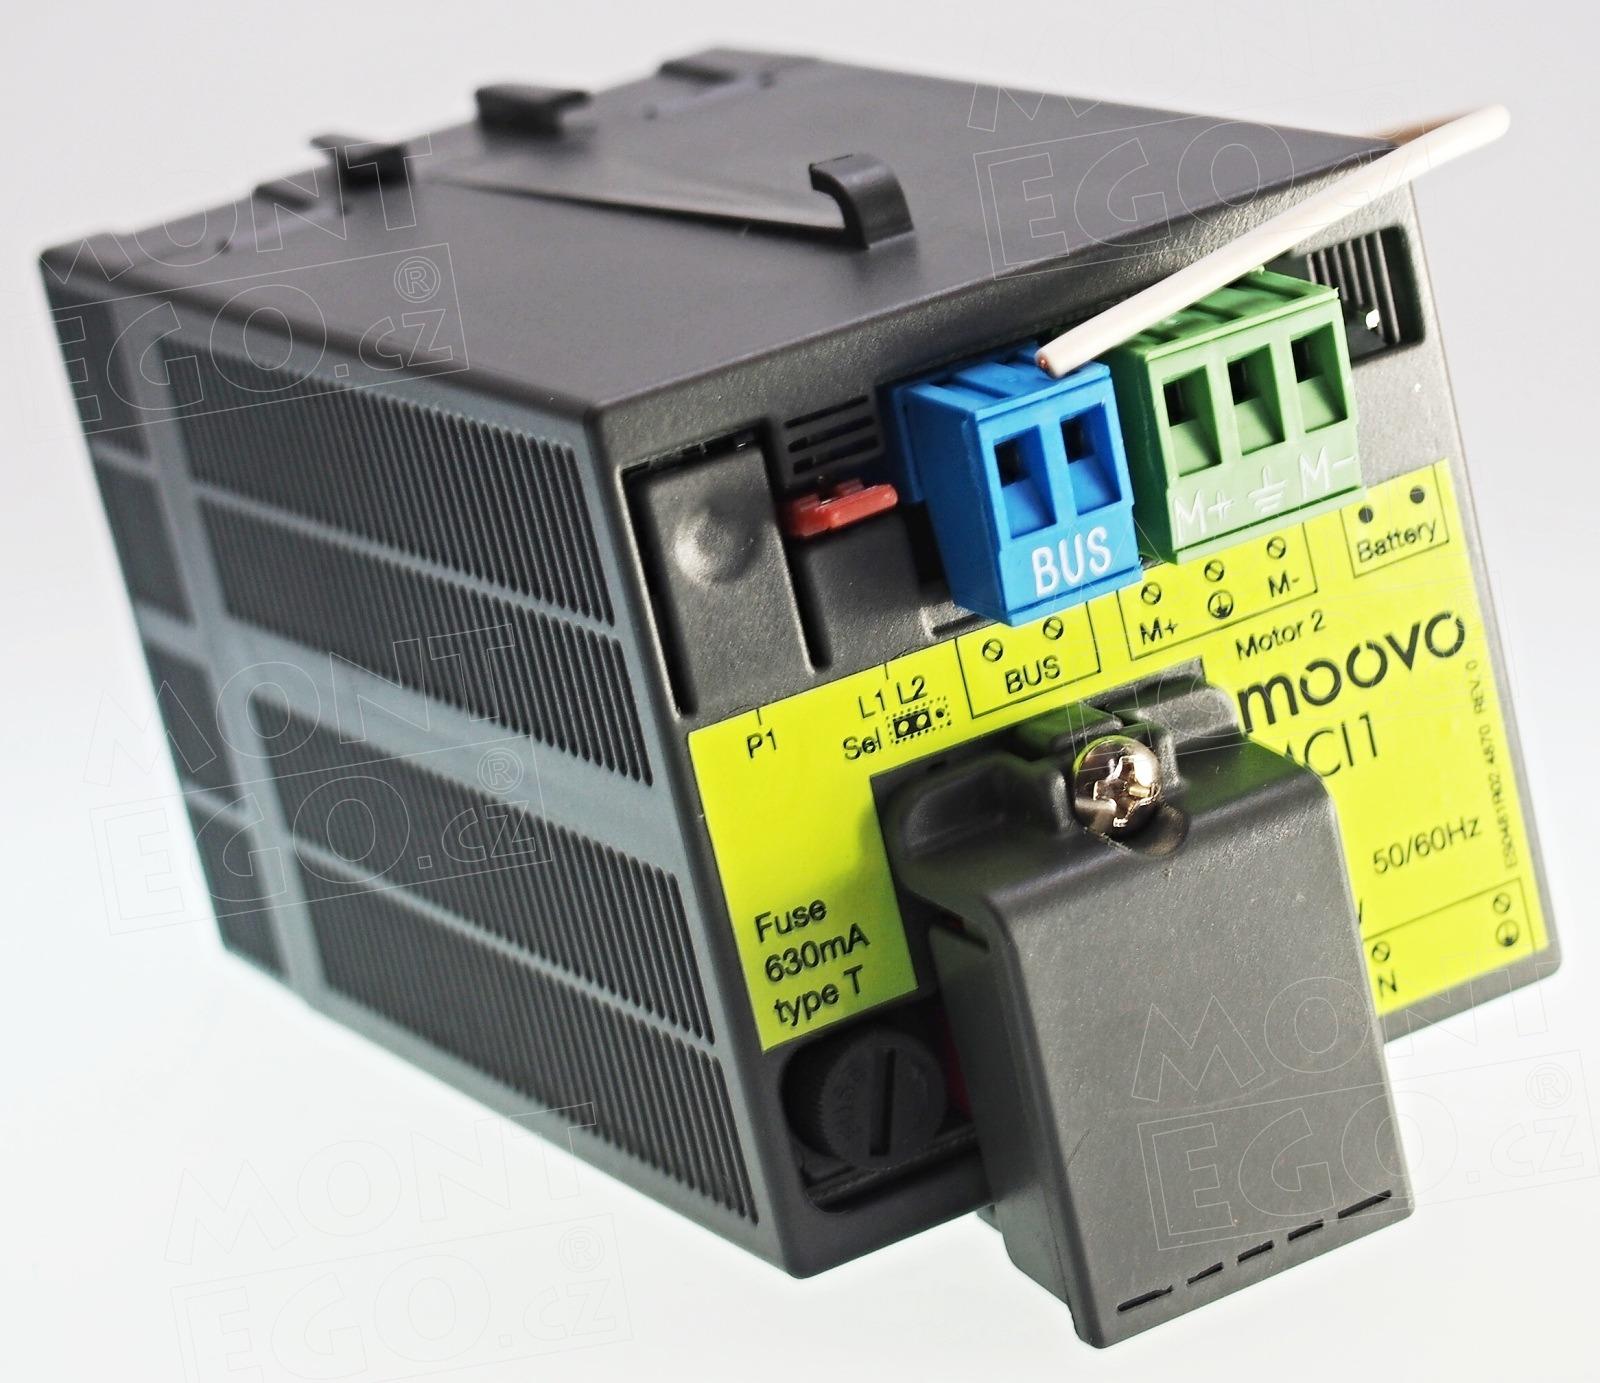 MCI1 náhradní řídící jednotka pro pohony Moovo XW432 a XW532 a LN432